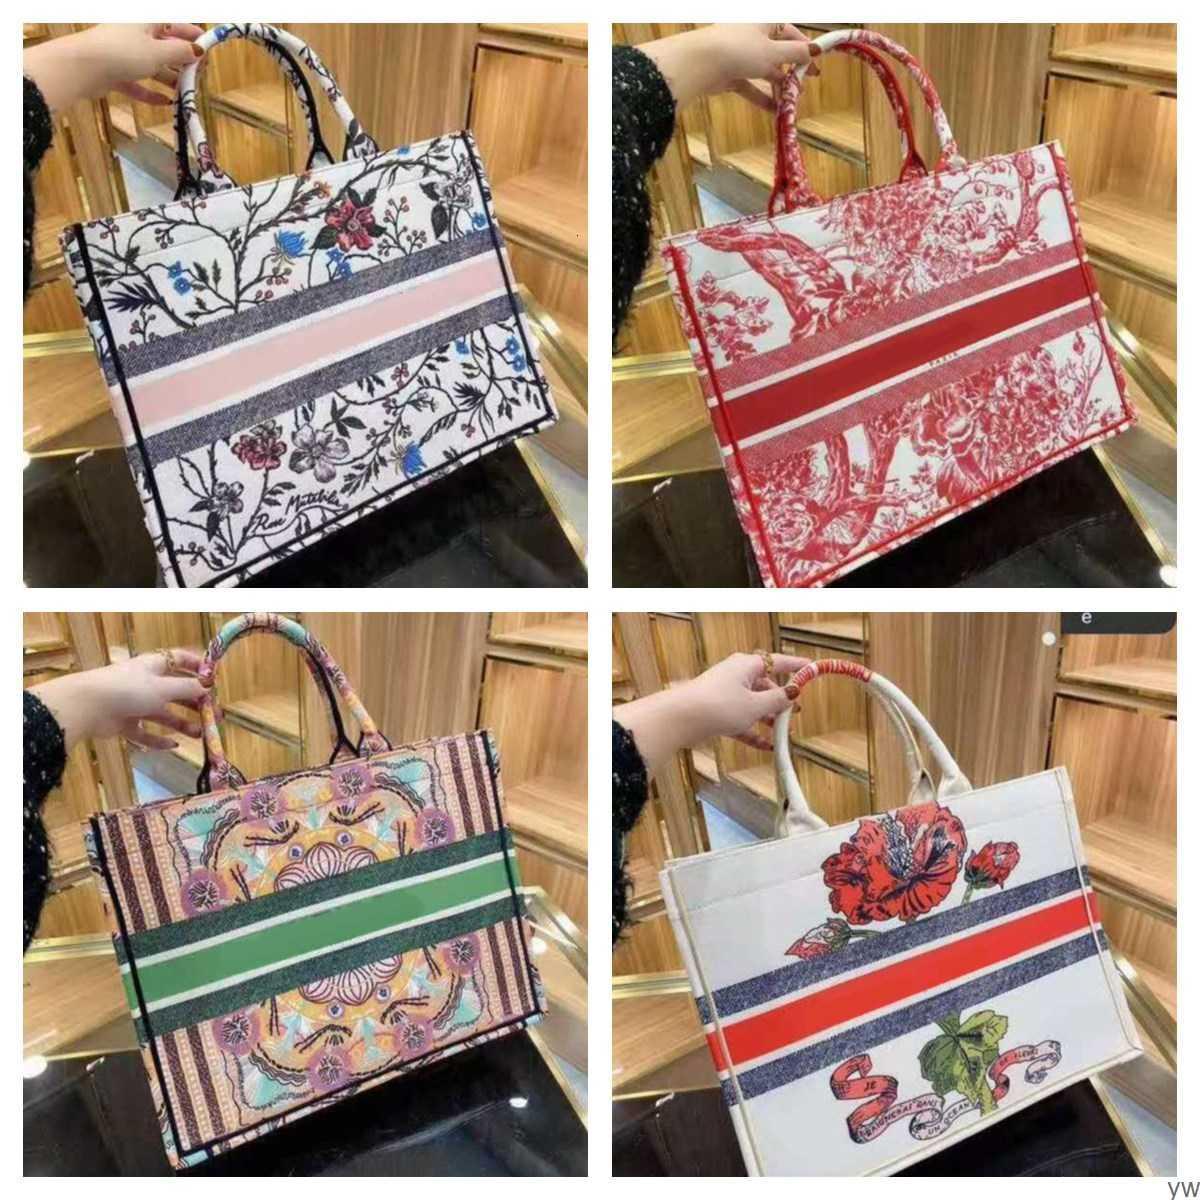 2021 новый 2021 ниша дизайн сумка повседневная диких ультра модный портативный портативный мессенджер маленький аромат королевы хозяйственной сумки сумочка